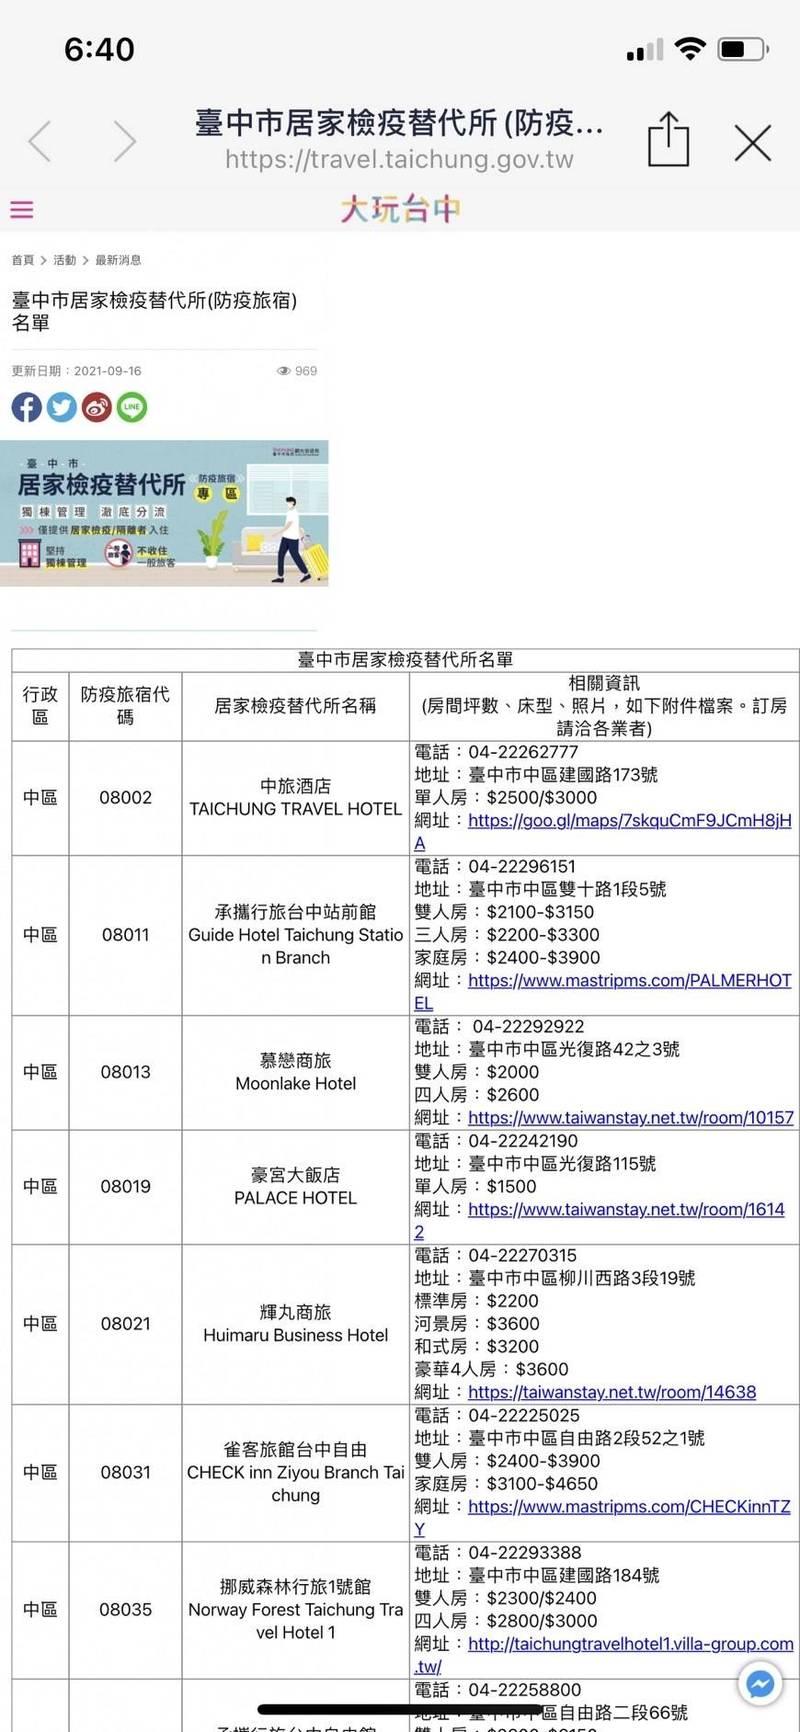 台中市多家防疫旅館資訊己公開,目前住房率7成,有些旅館空房數只有個位數,有的本月滿房。(取自網站)